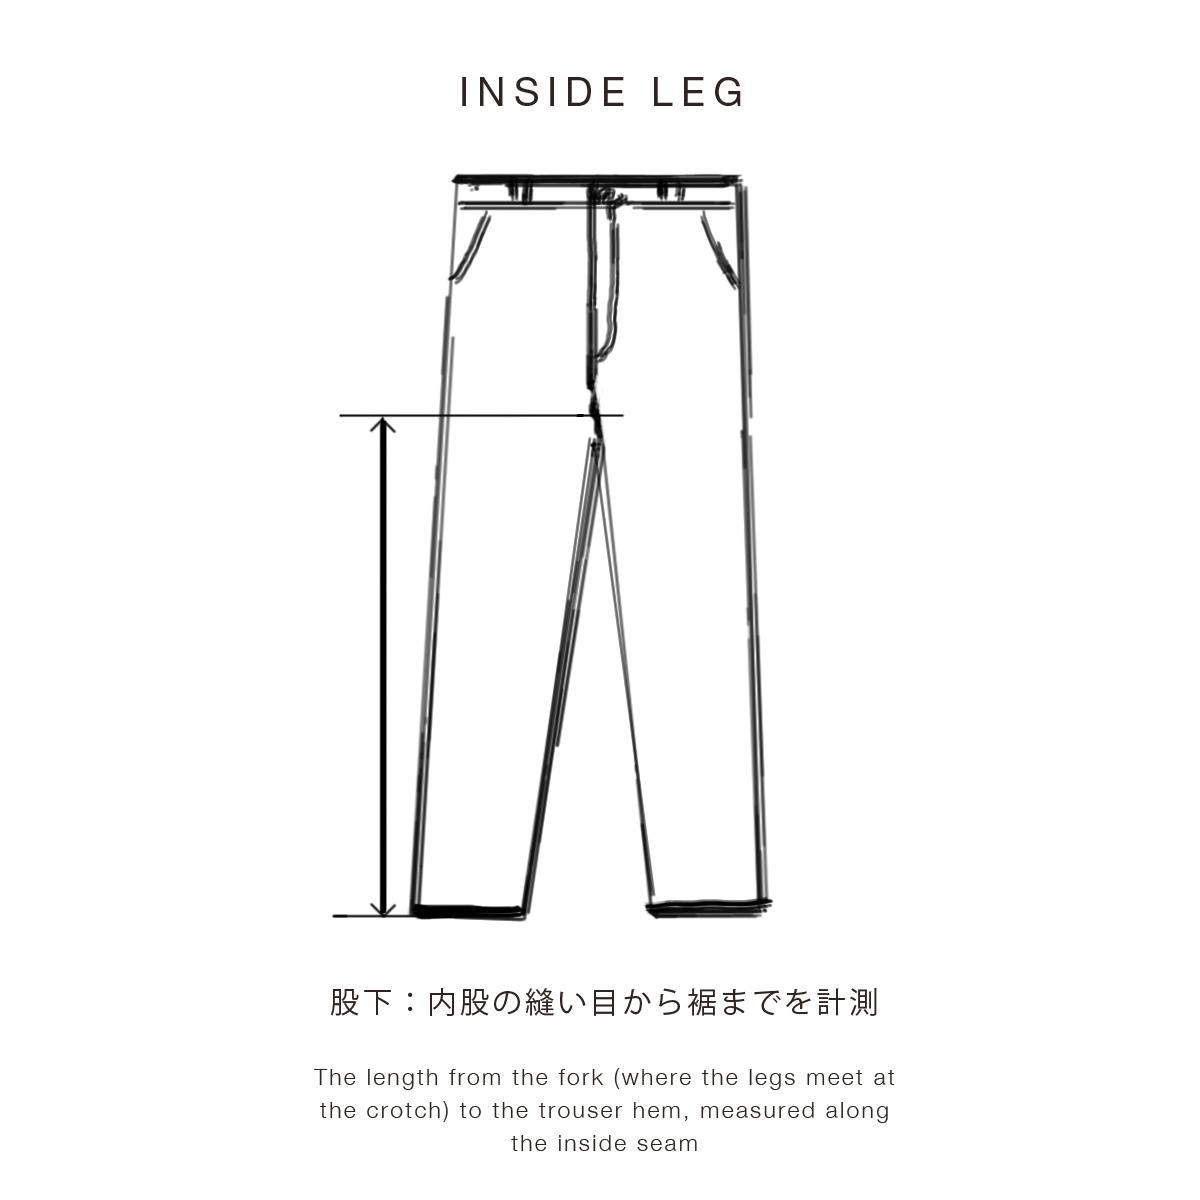 INSIDE LEG